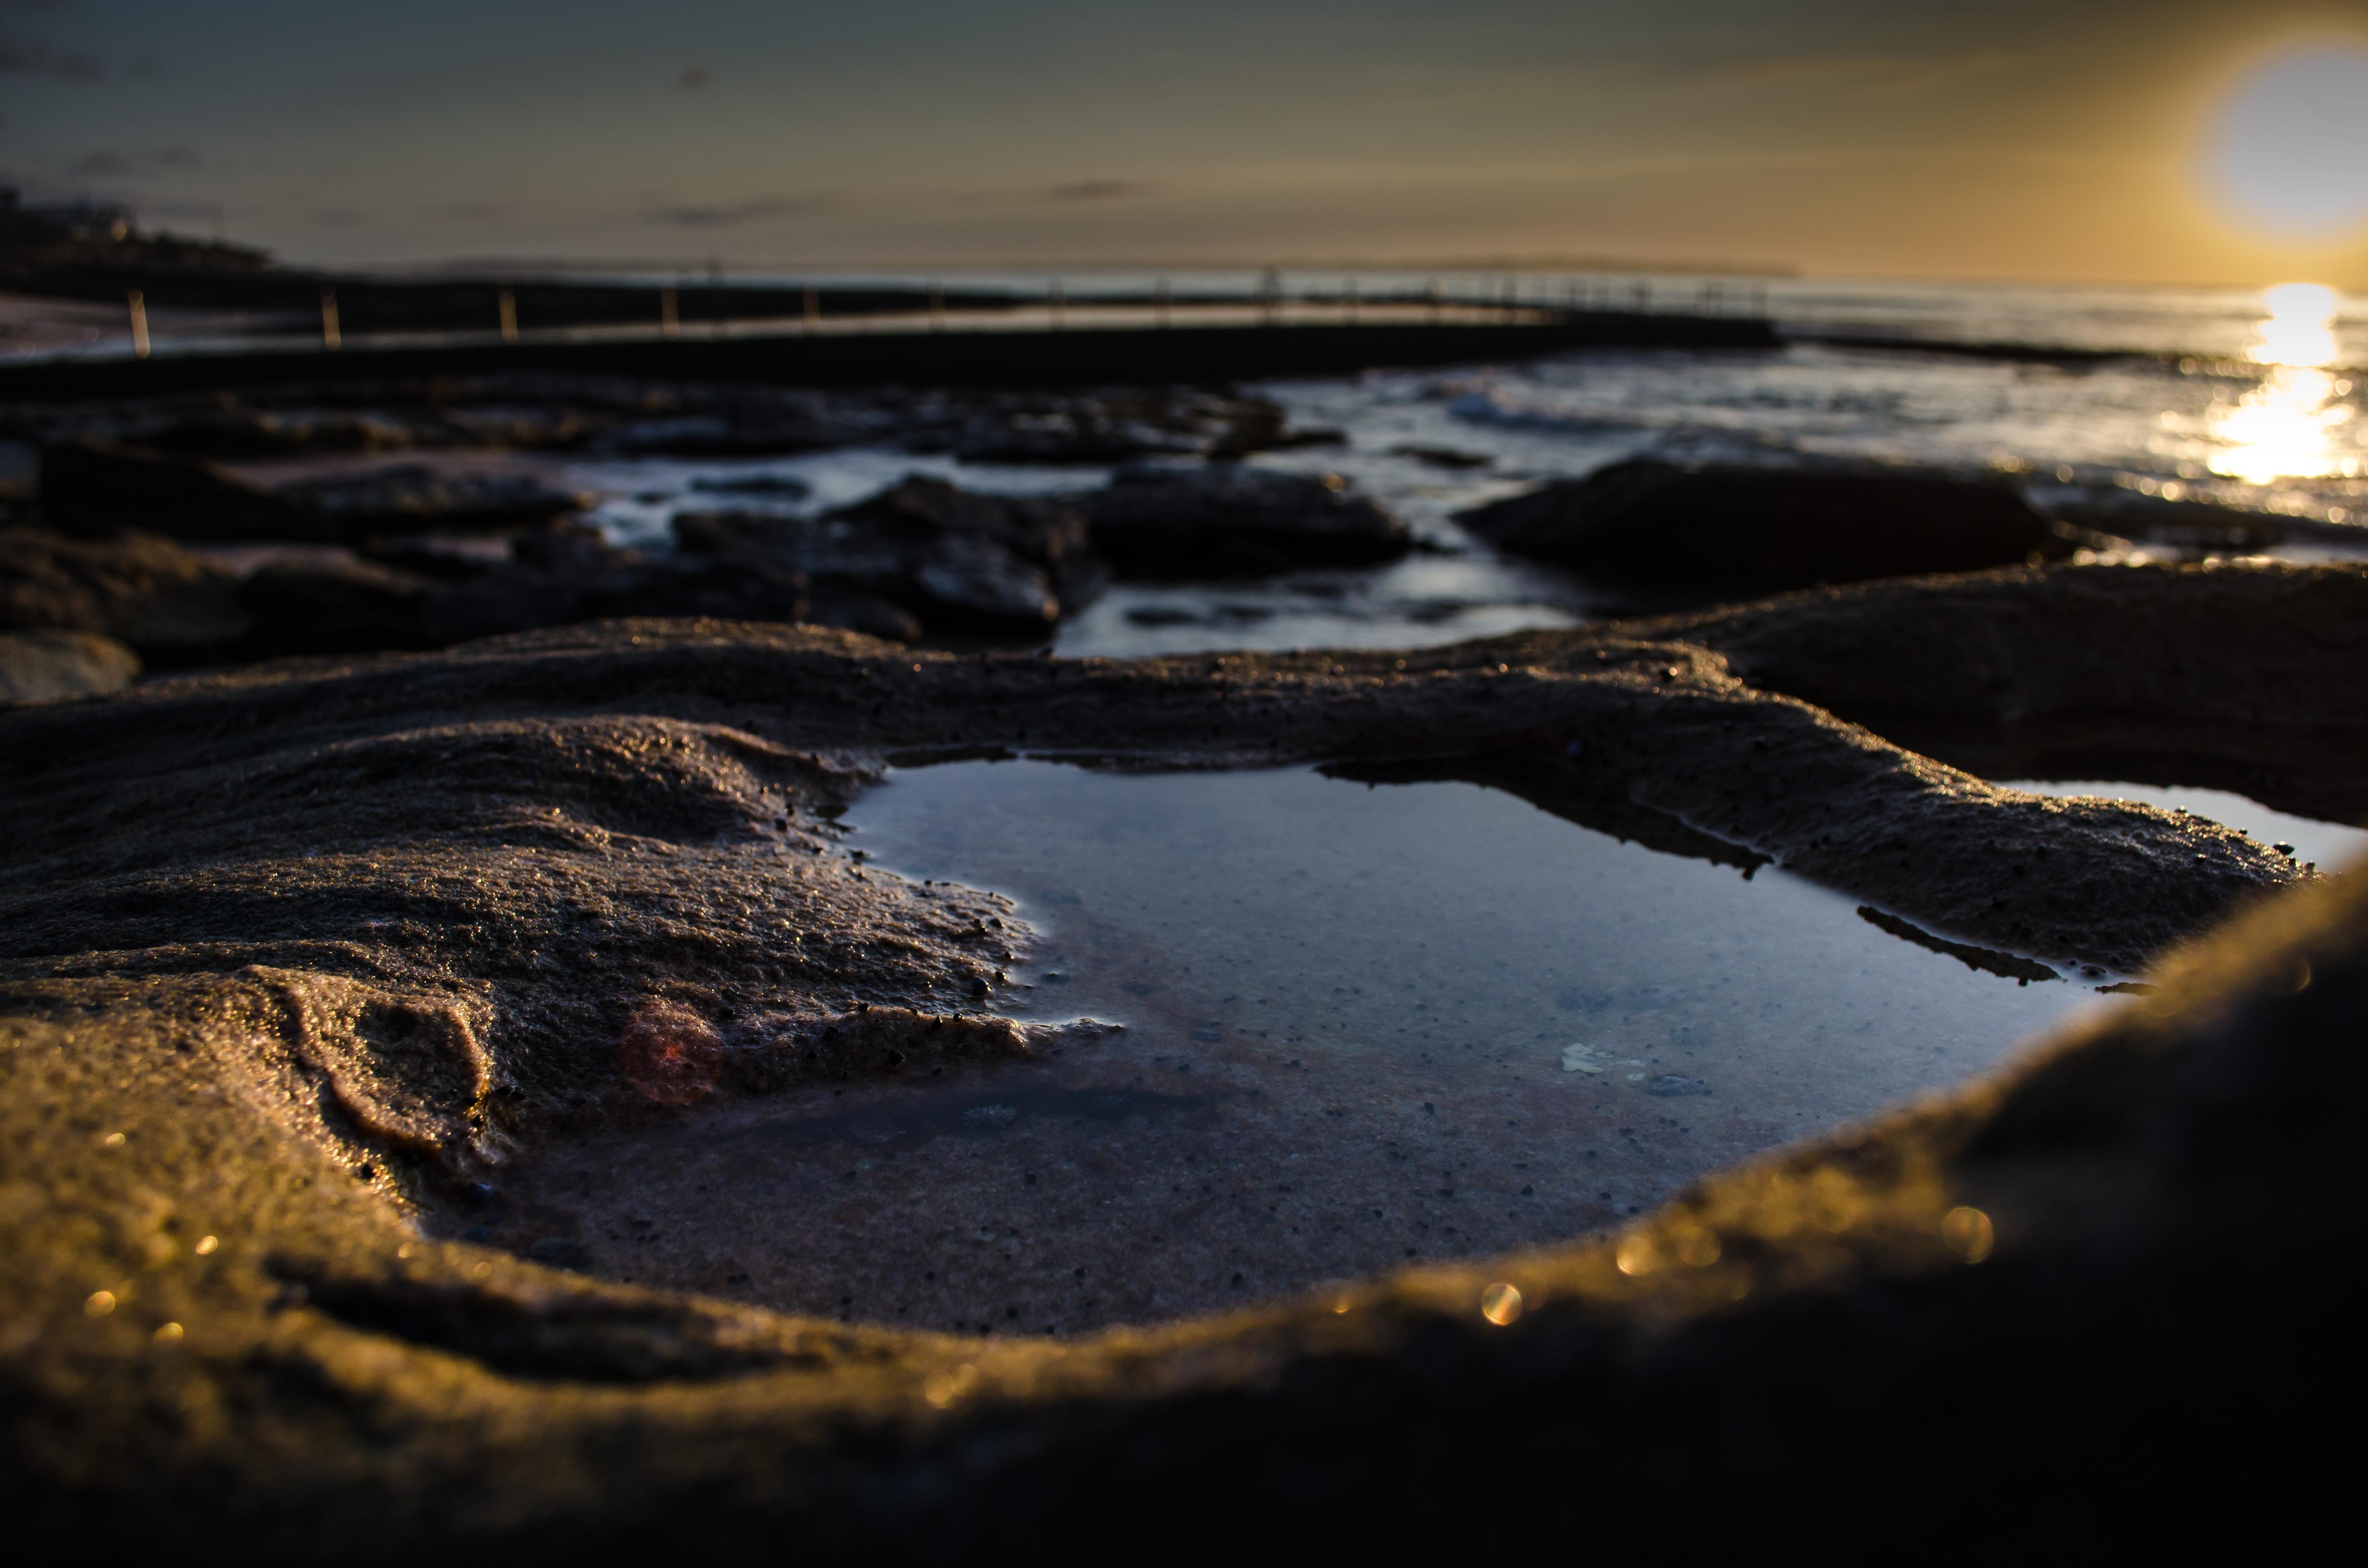 My Sunday Photo - More Sunrise